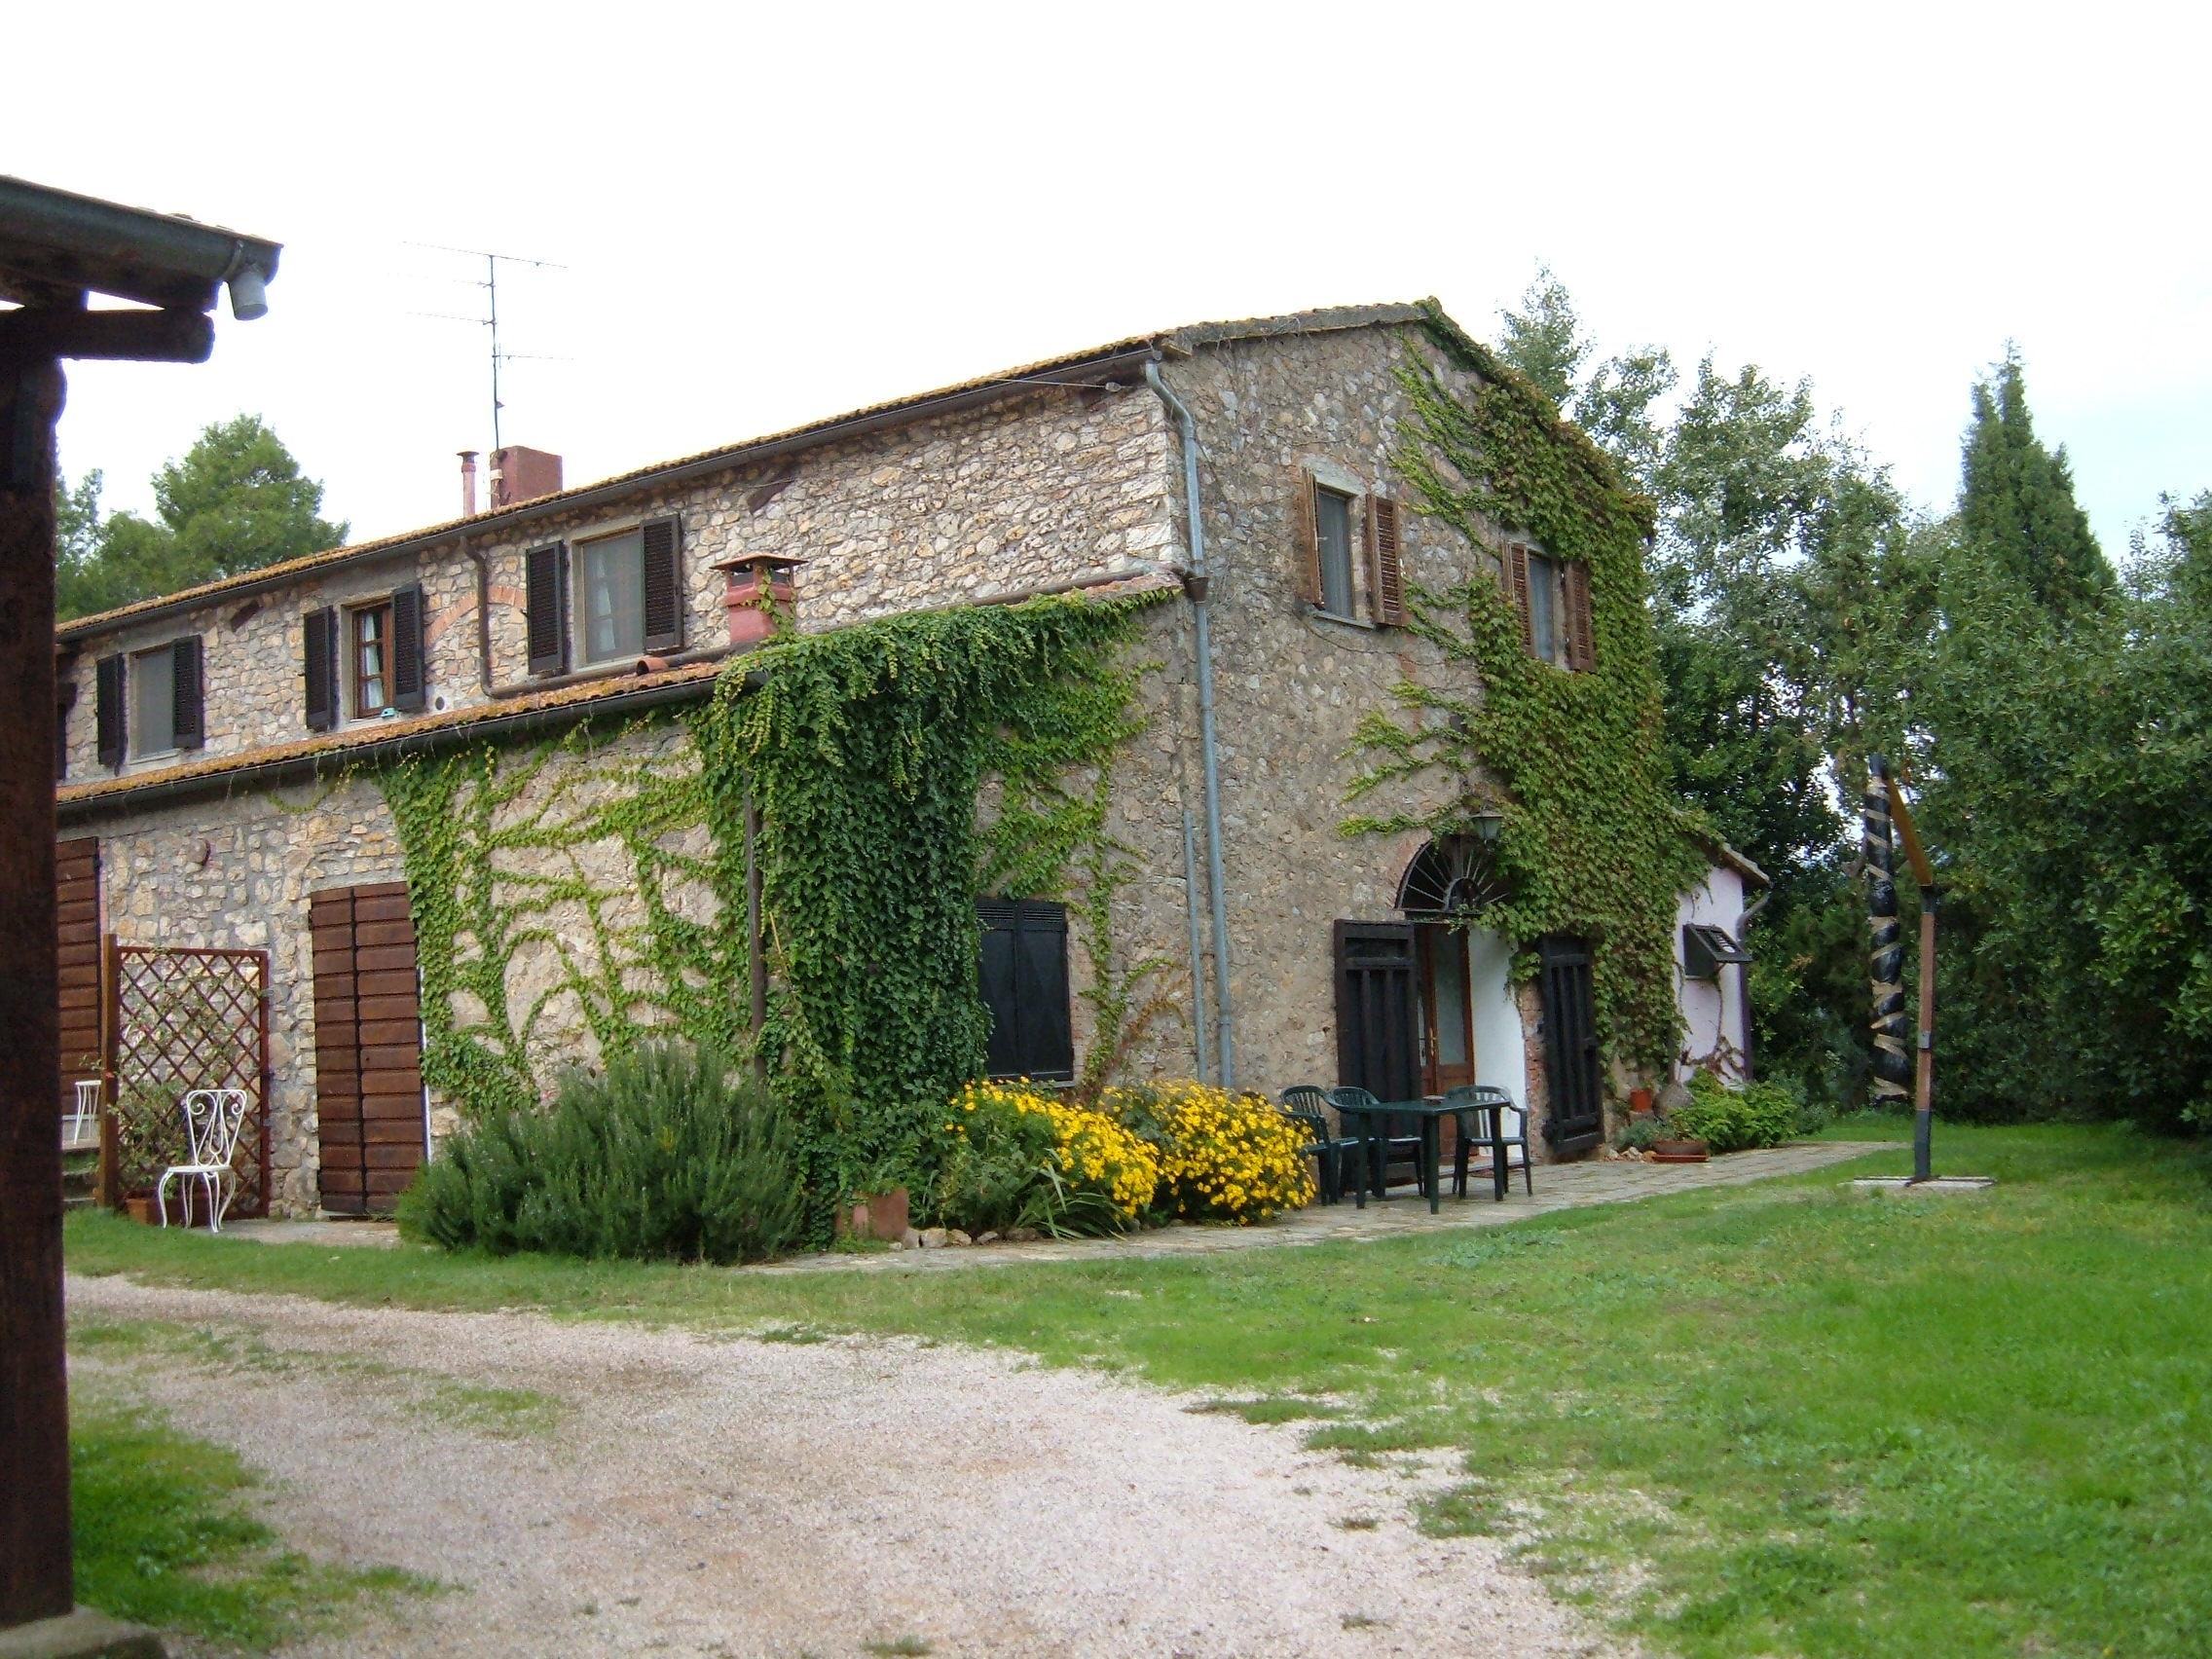 Pian del noce - Casali antichi ristrutturati ...